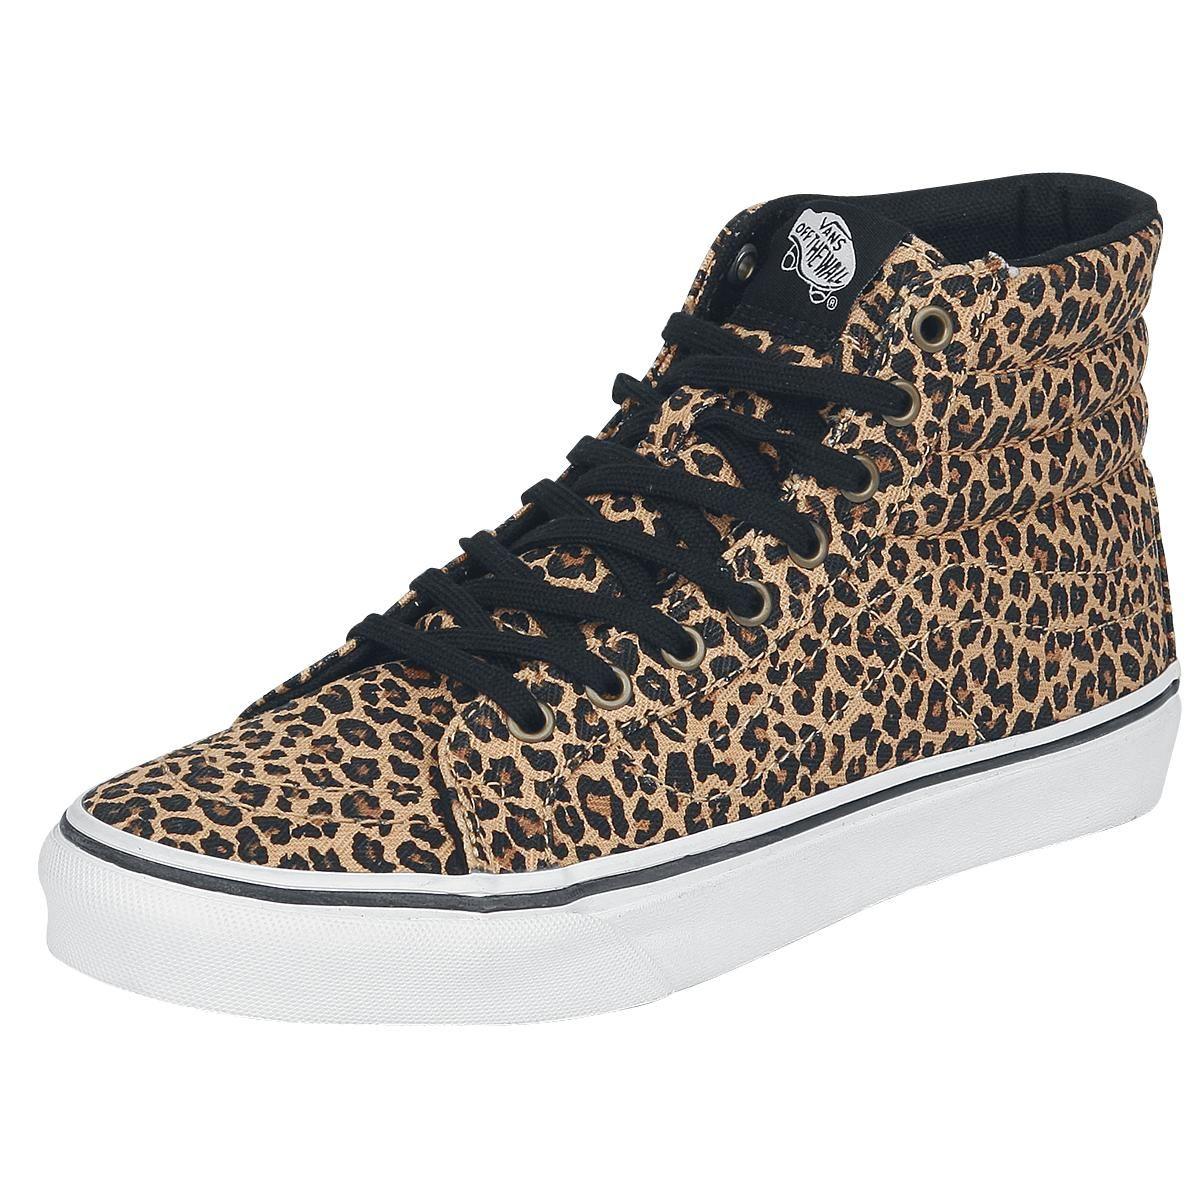 zapatillas vans negras y leopardo